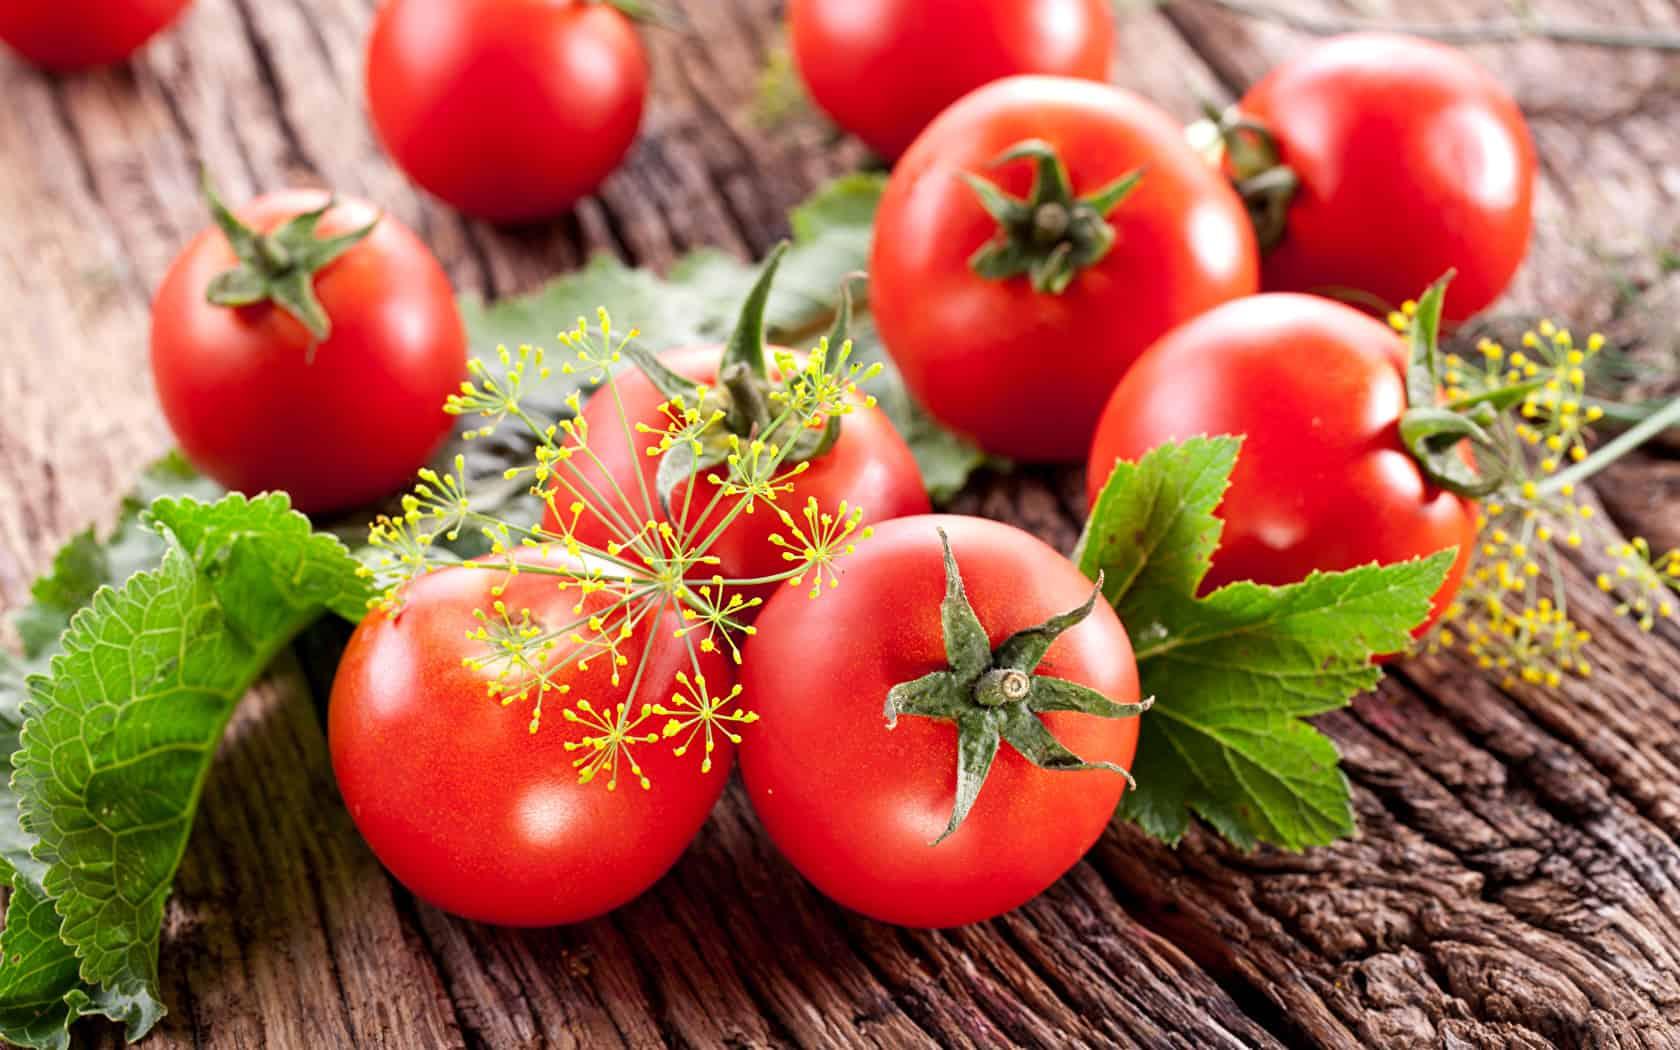 متى تزرع الطماطم